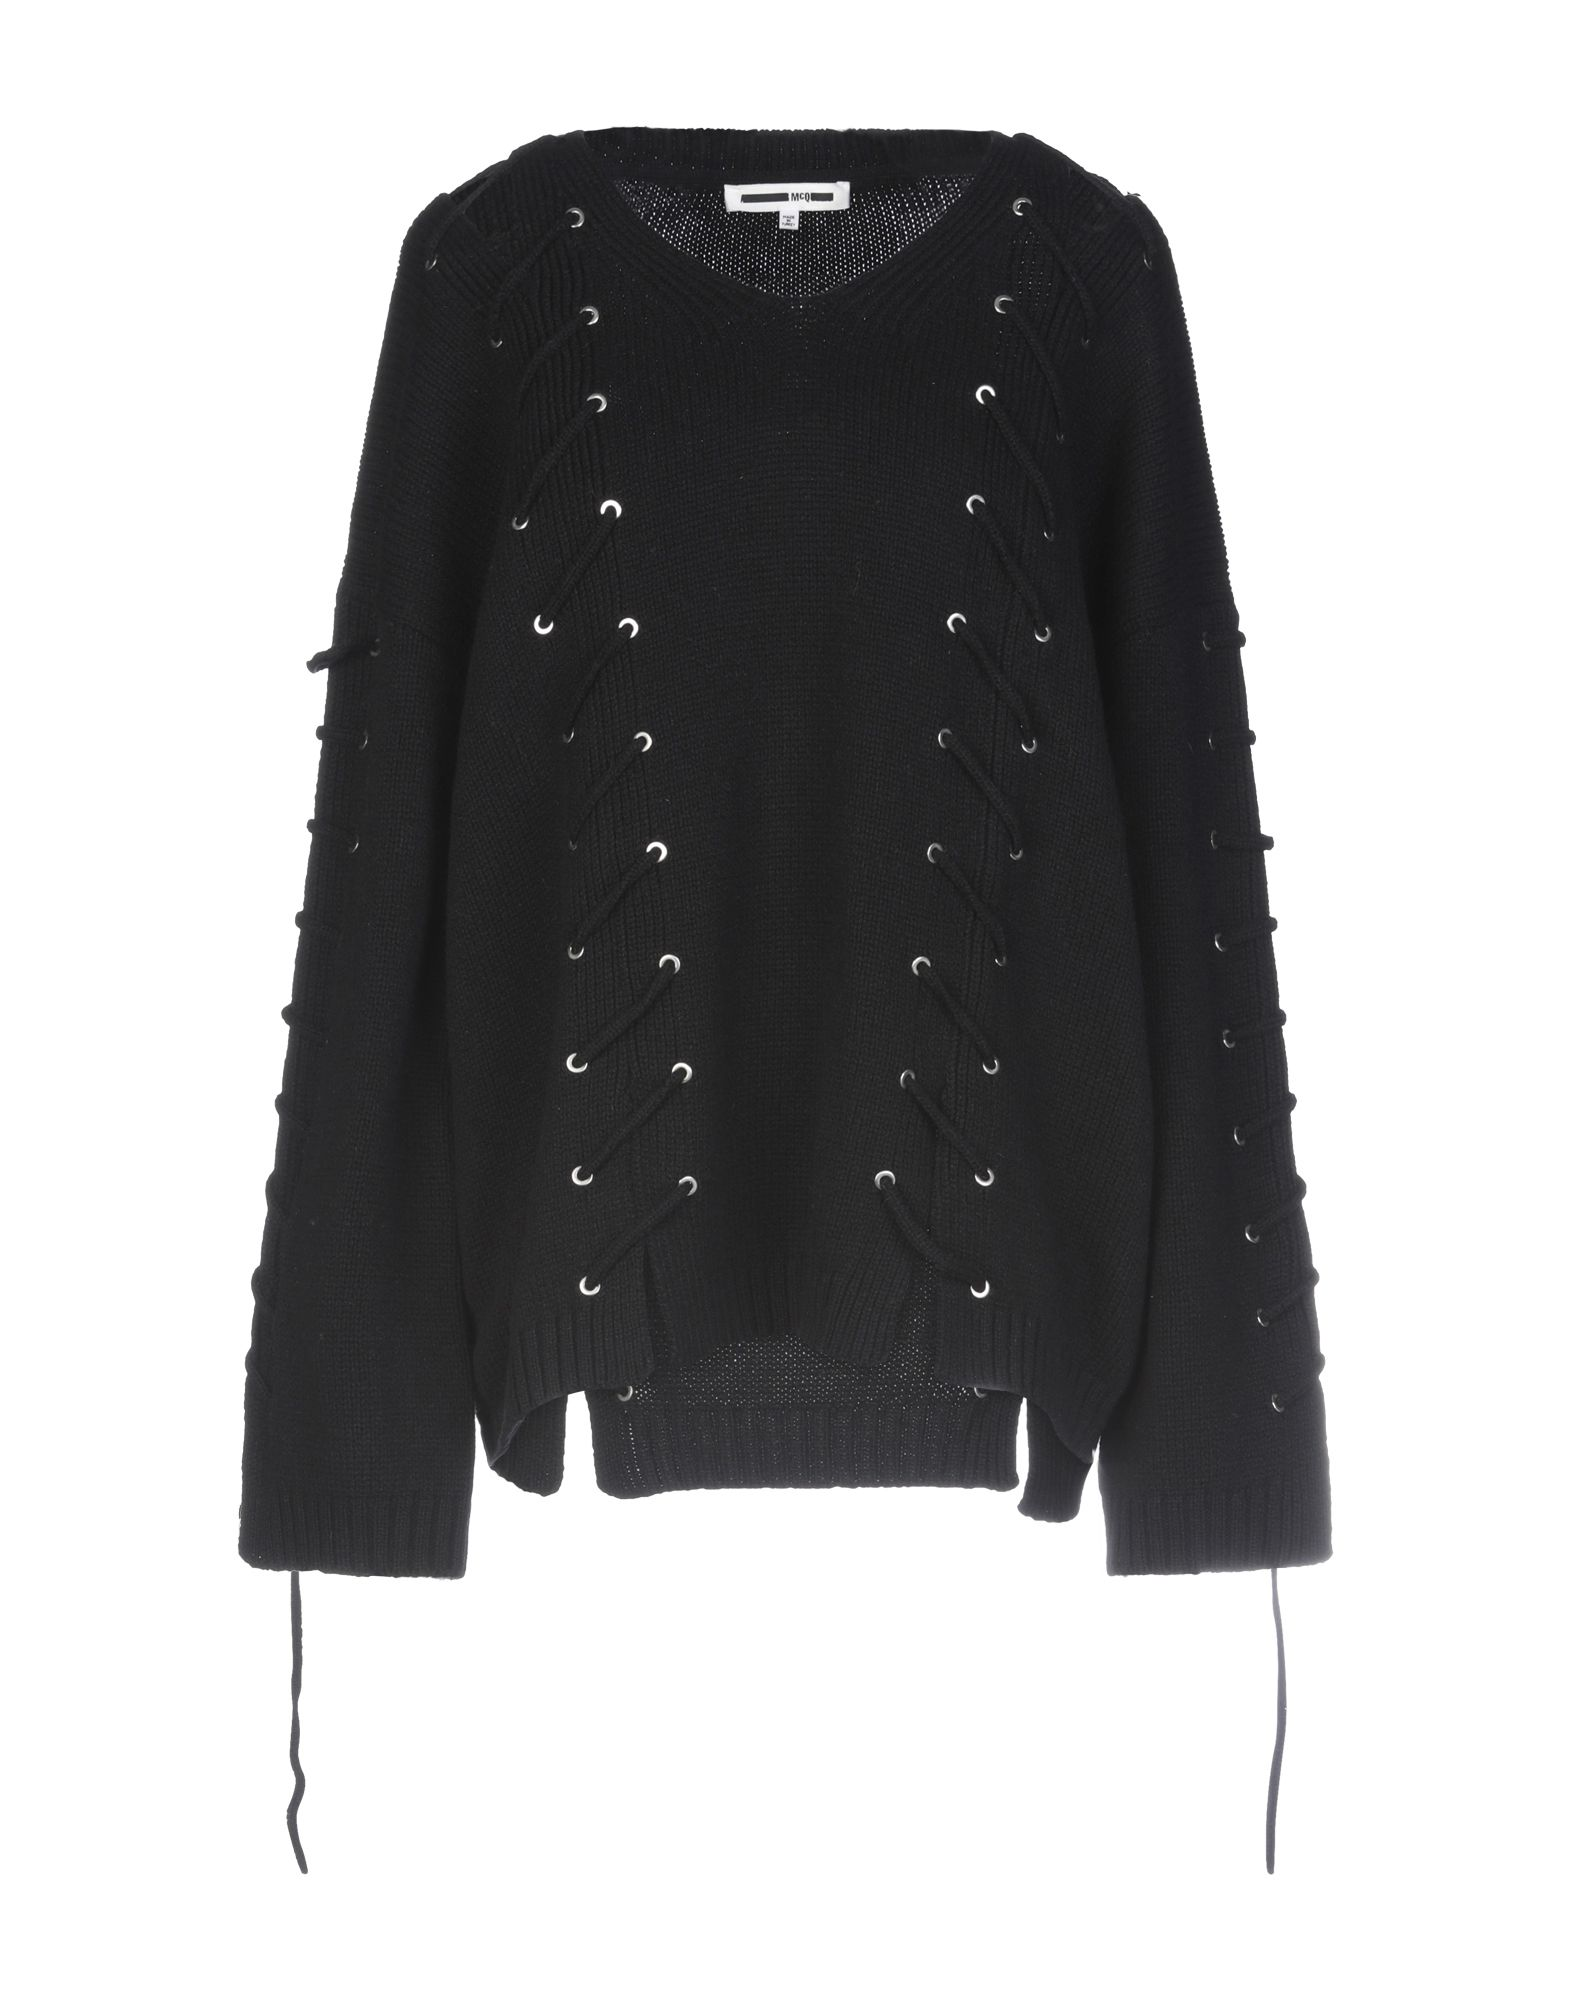 McQ Alexander McQueen Sweaters - Item 14054820